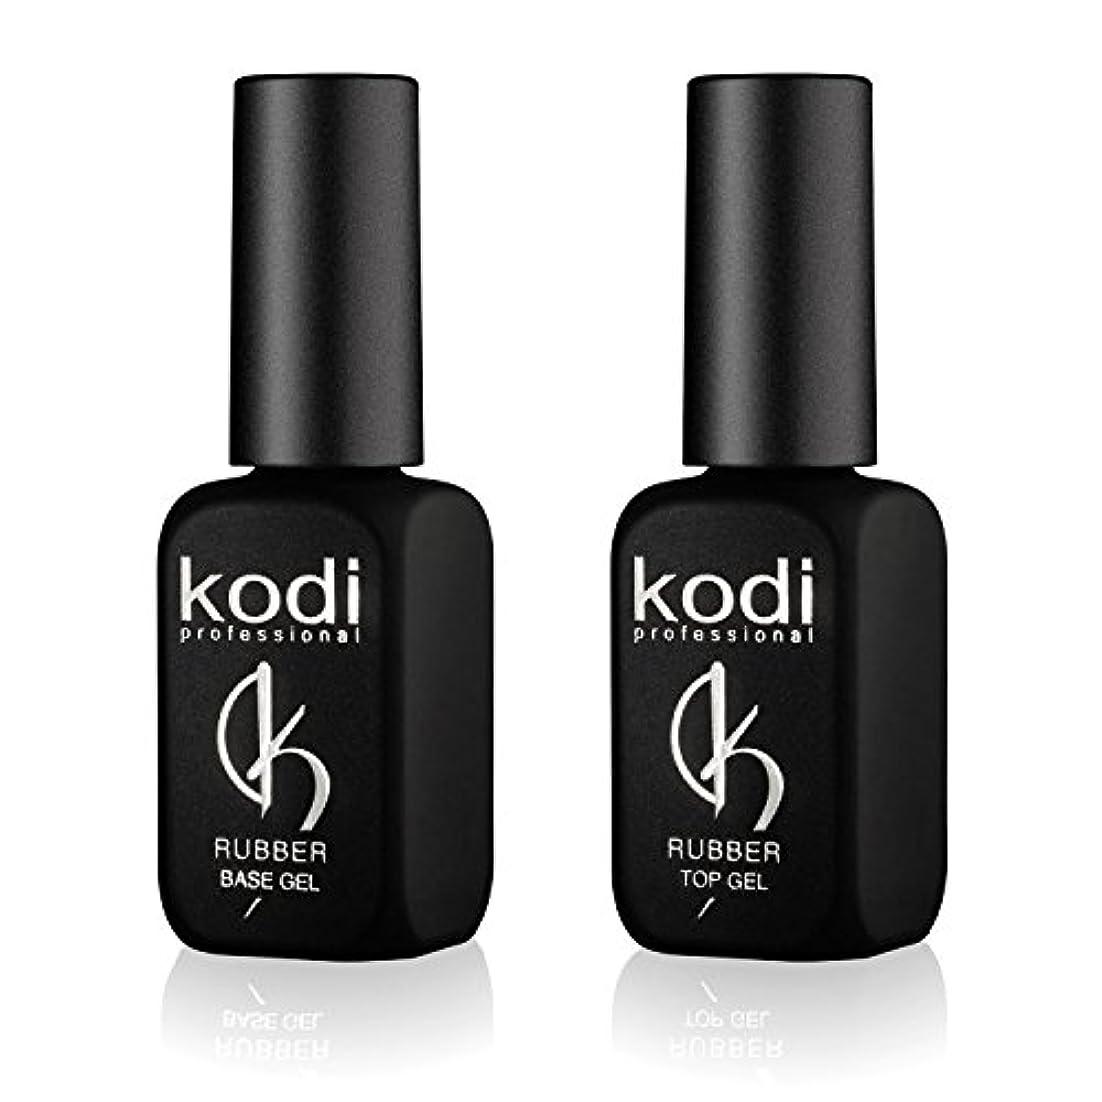 金属スカリー国歌Kodi プロフェッショナルラバートップ&ベースジェルセット| 12ml 0.42オンス|爪のソークオフとポリッシュ コートキット|長持ちするネイルレイヤー|使いやすい、無毒&無香料| LEDまたはUVランプの下で硬化